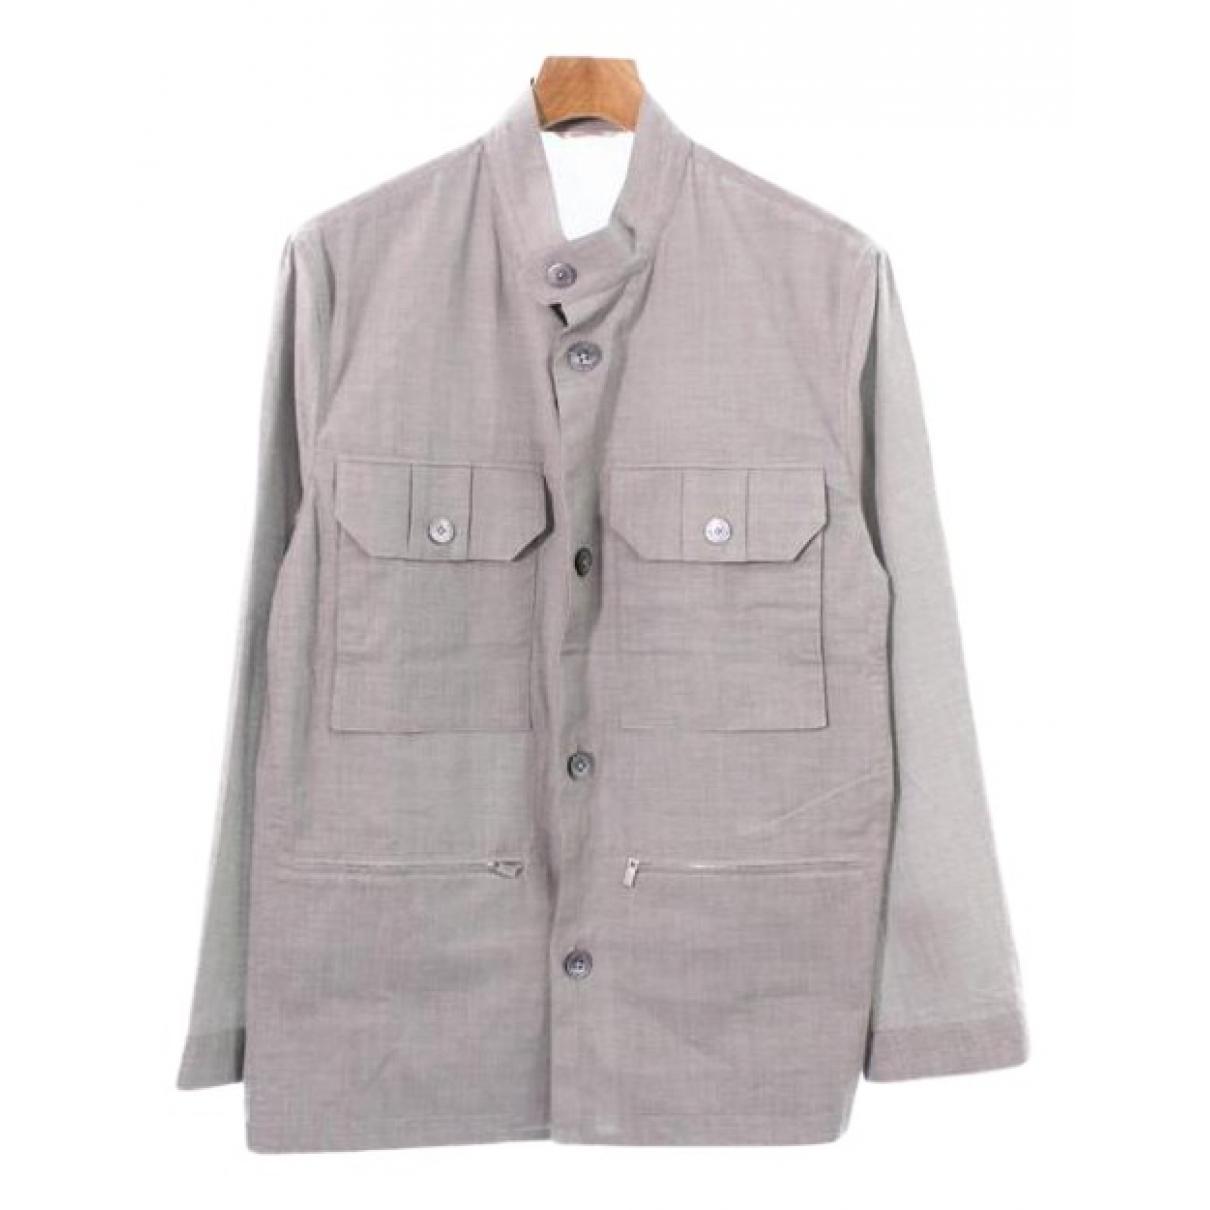 Hermes - Vestes.Blousons   pour homme en coton - gris